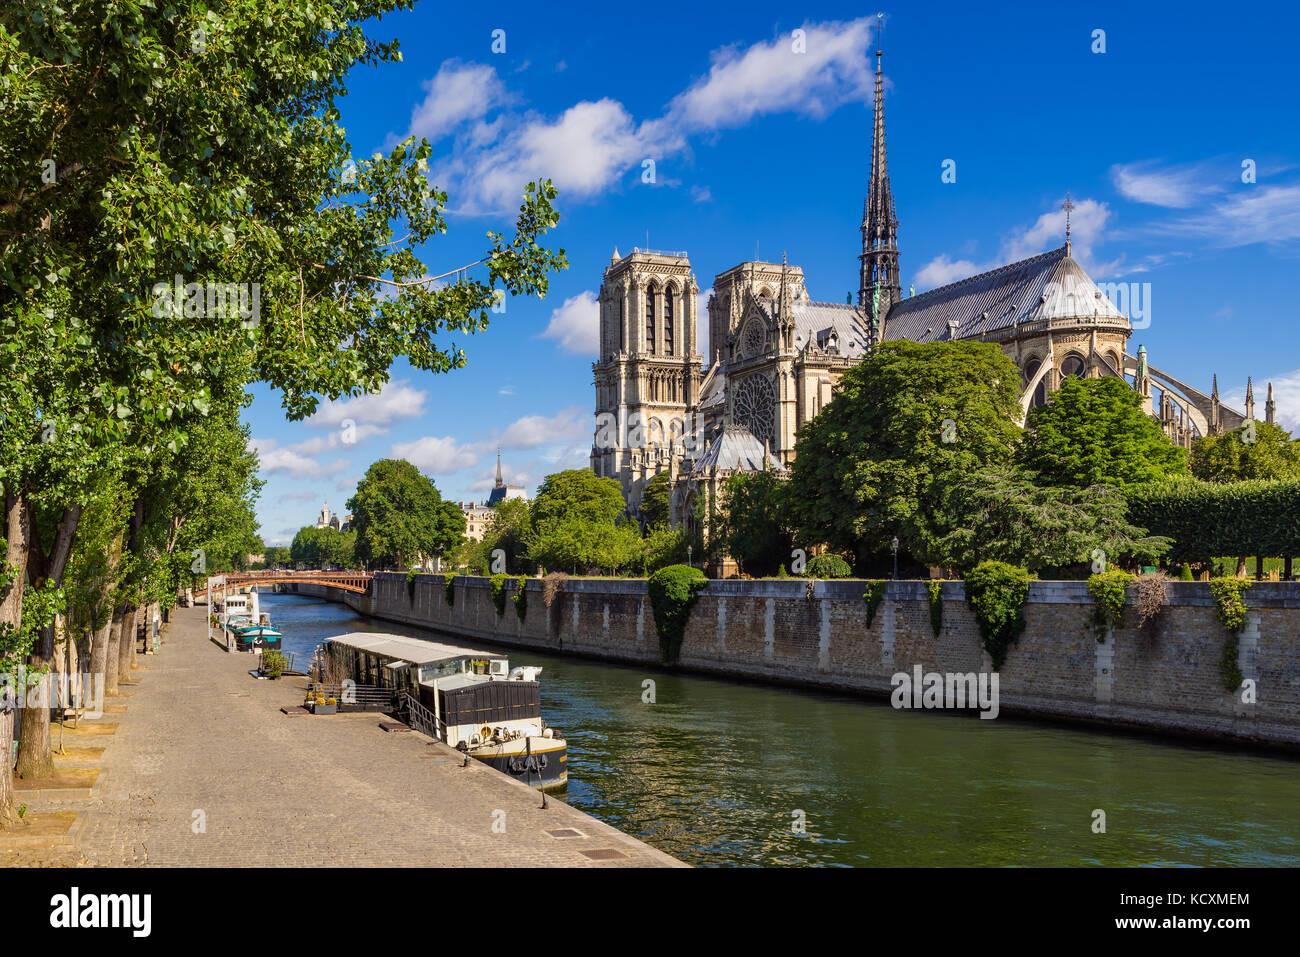 La cathédrale Notre Dame de Paris avec la Seine en été. Paris, France Photo Stock